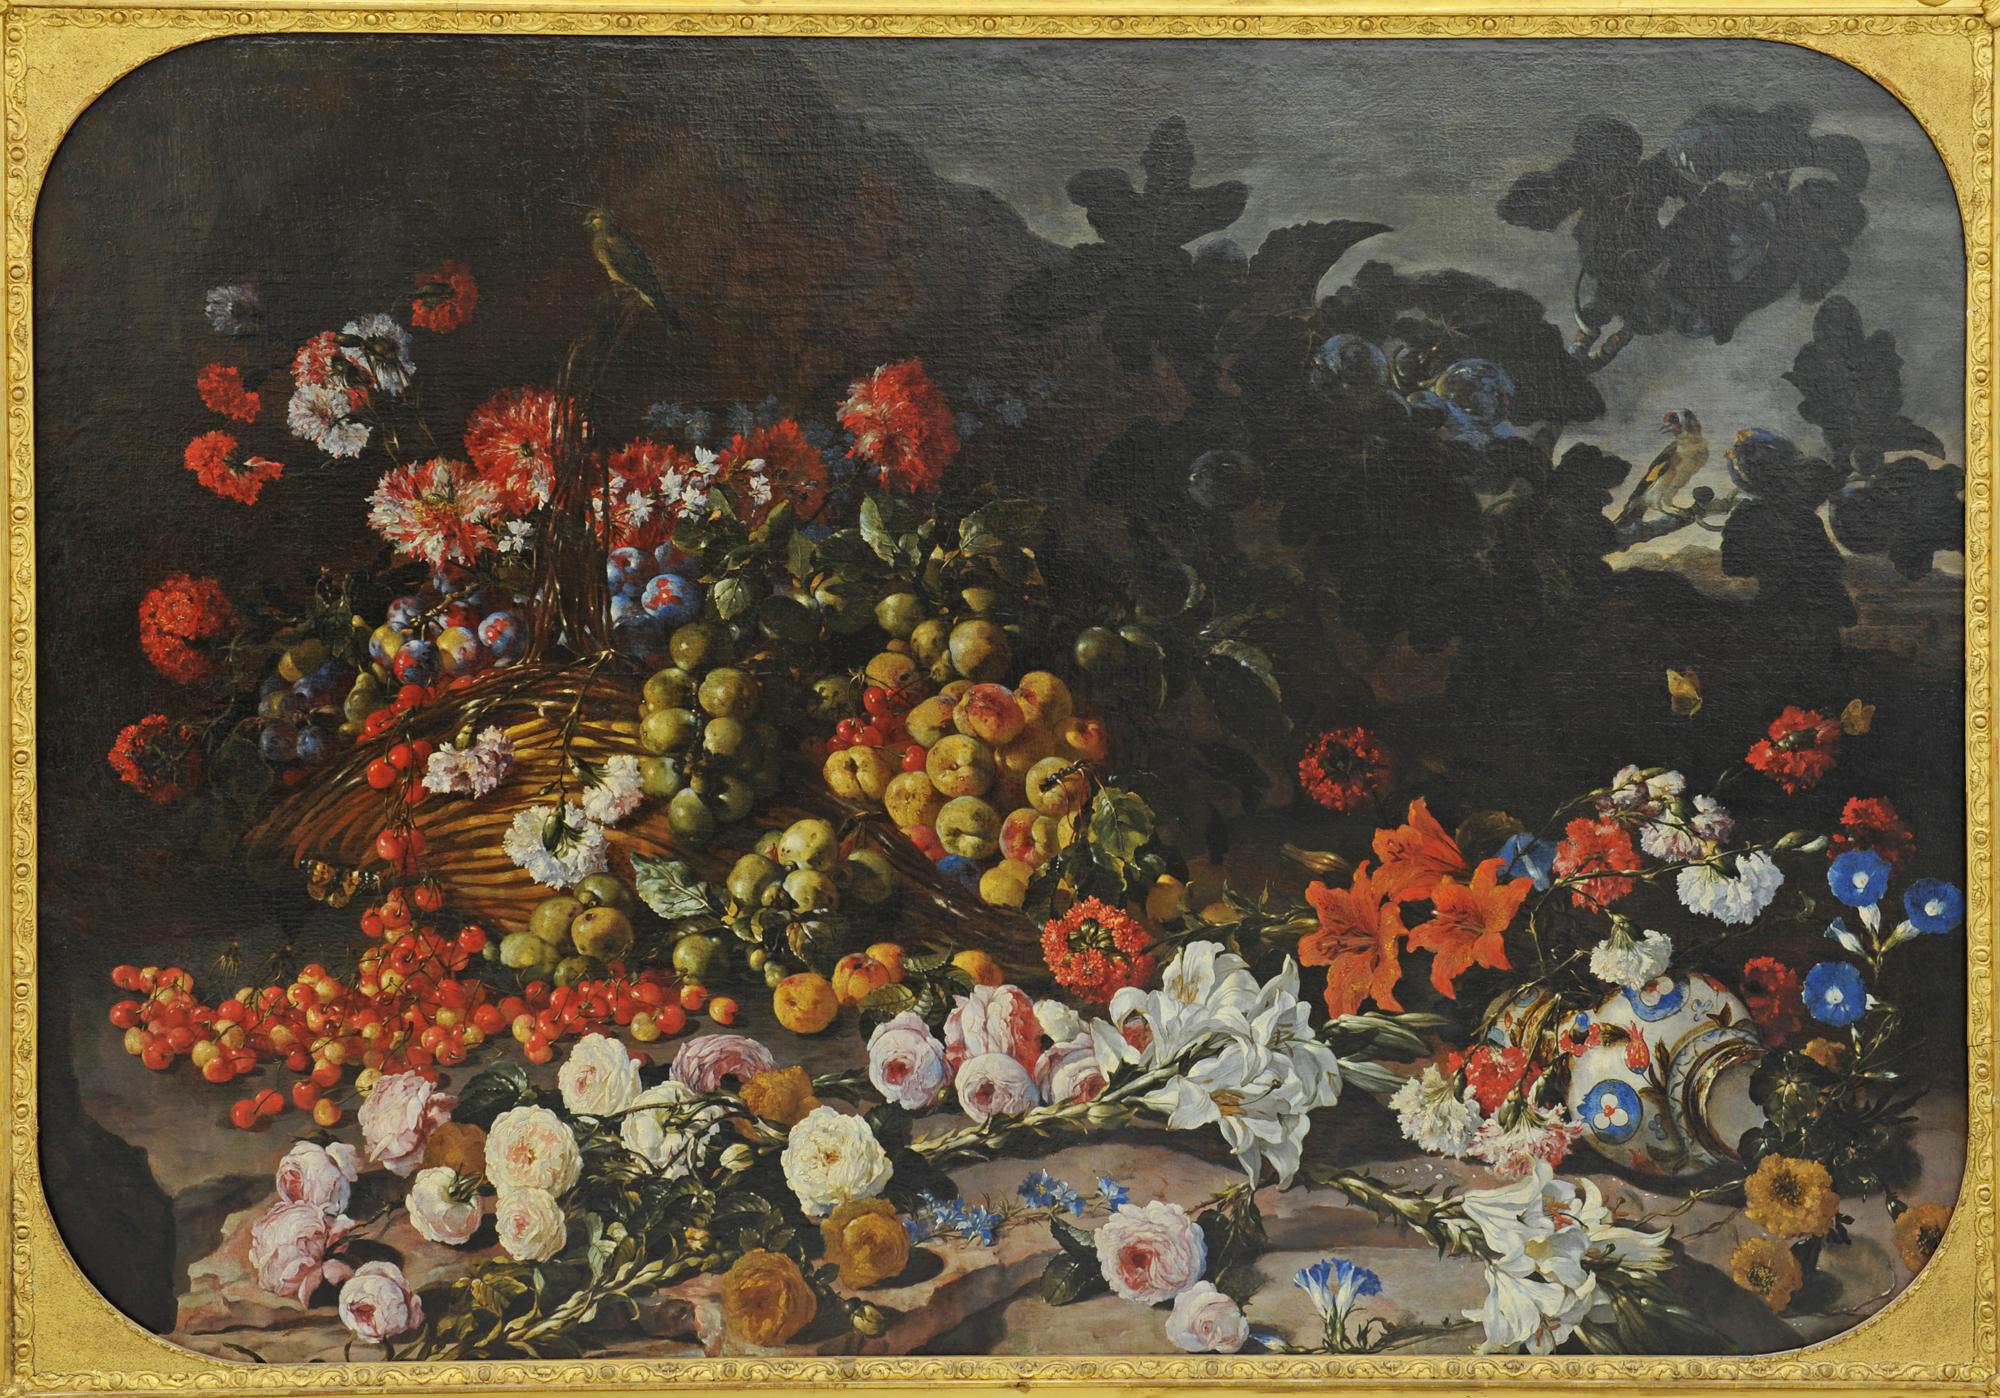 Paolo Porpora - Fleurs et fruits ©Musée de Valence, photo Éric Caillet